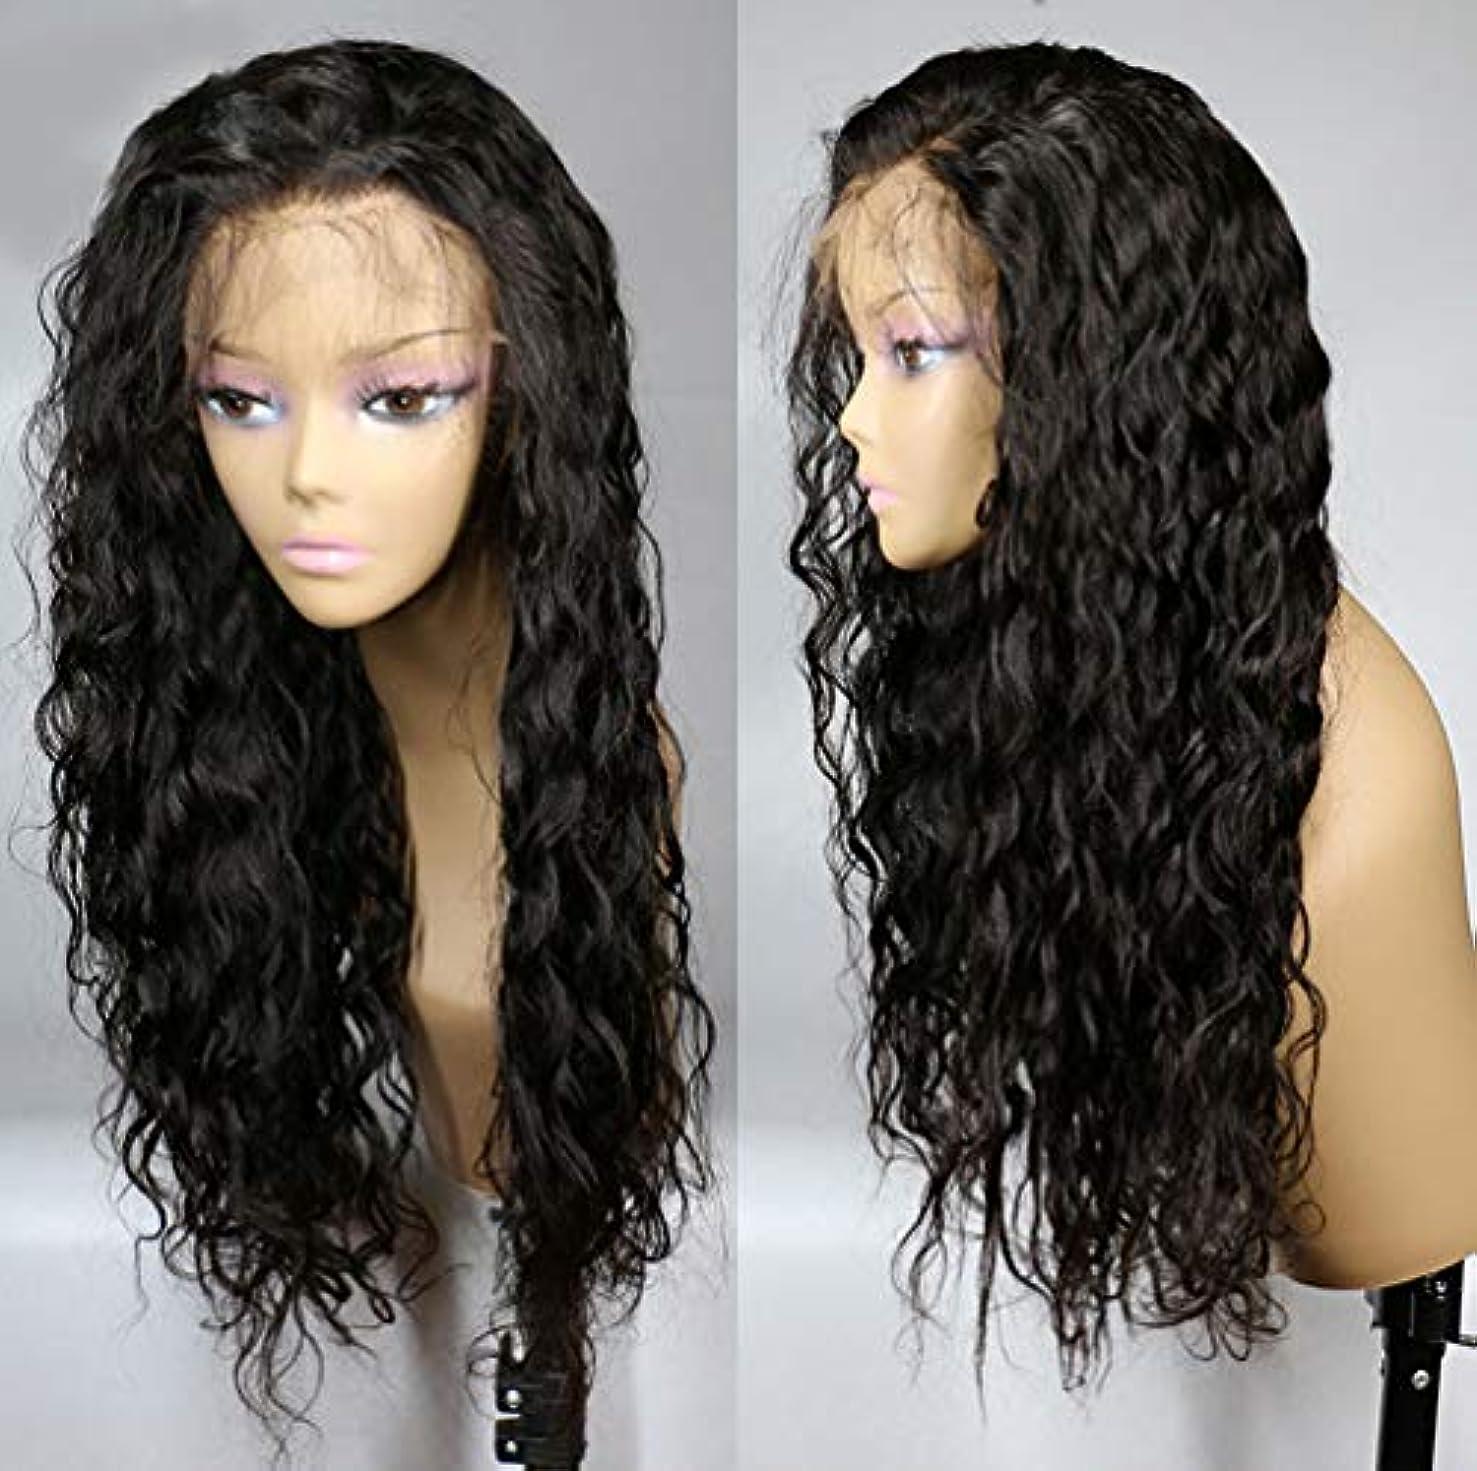 ラビリンス前兆キルス女性のかつら150%密度フロントレース長いウェーブのかかった巻き毛かつらブラジル人毛